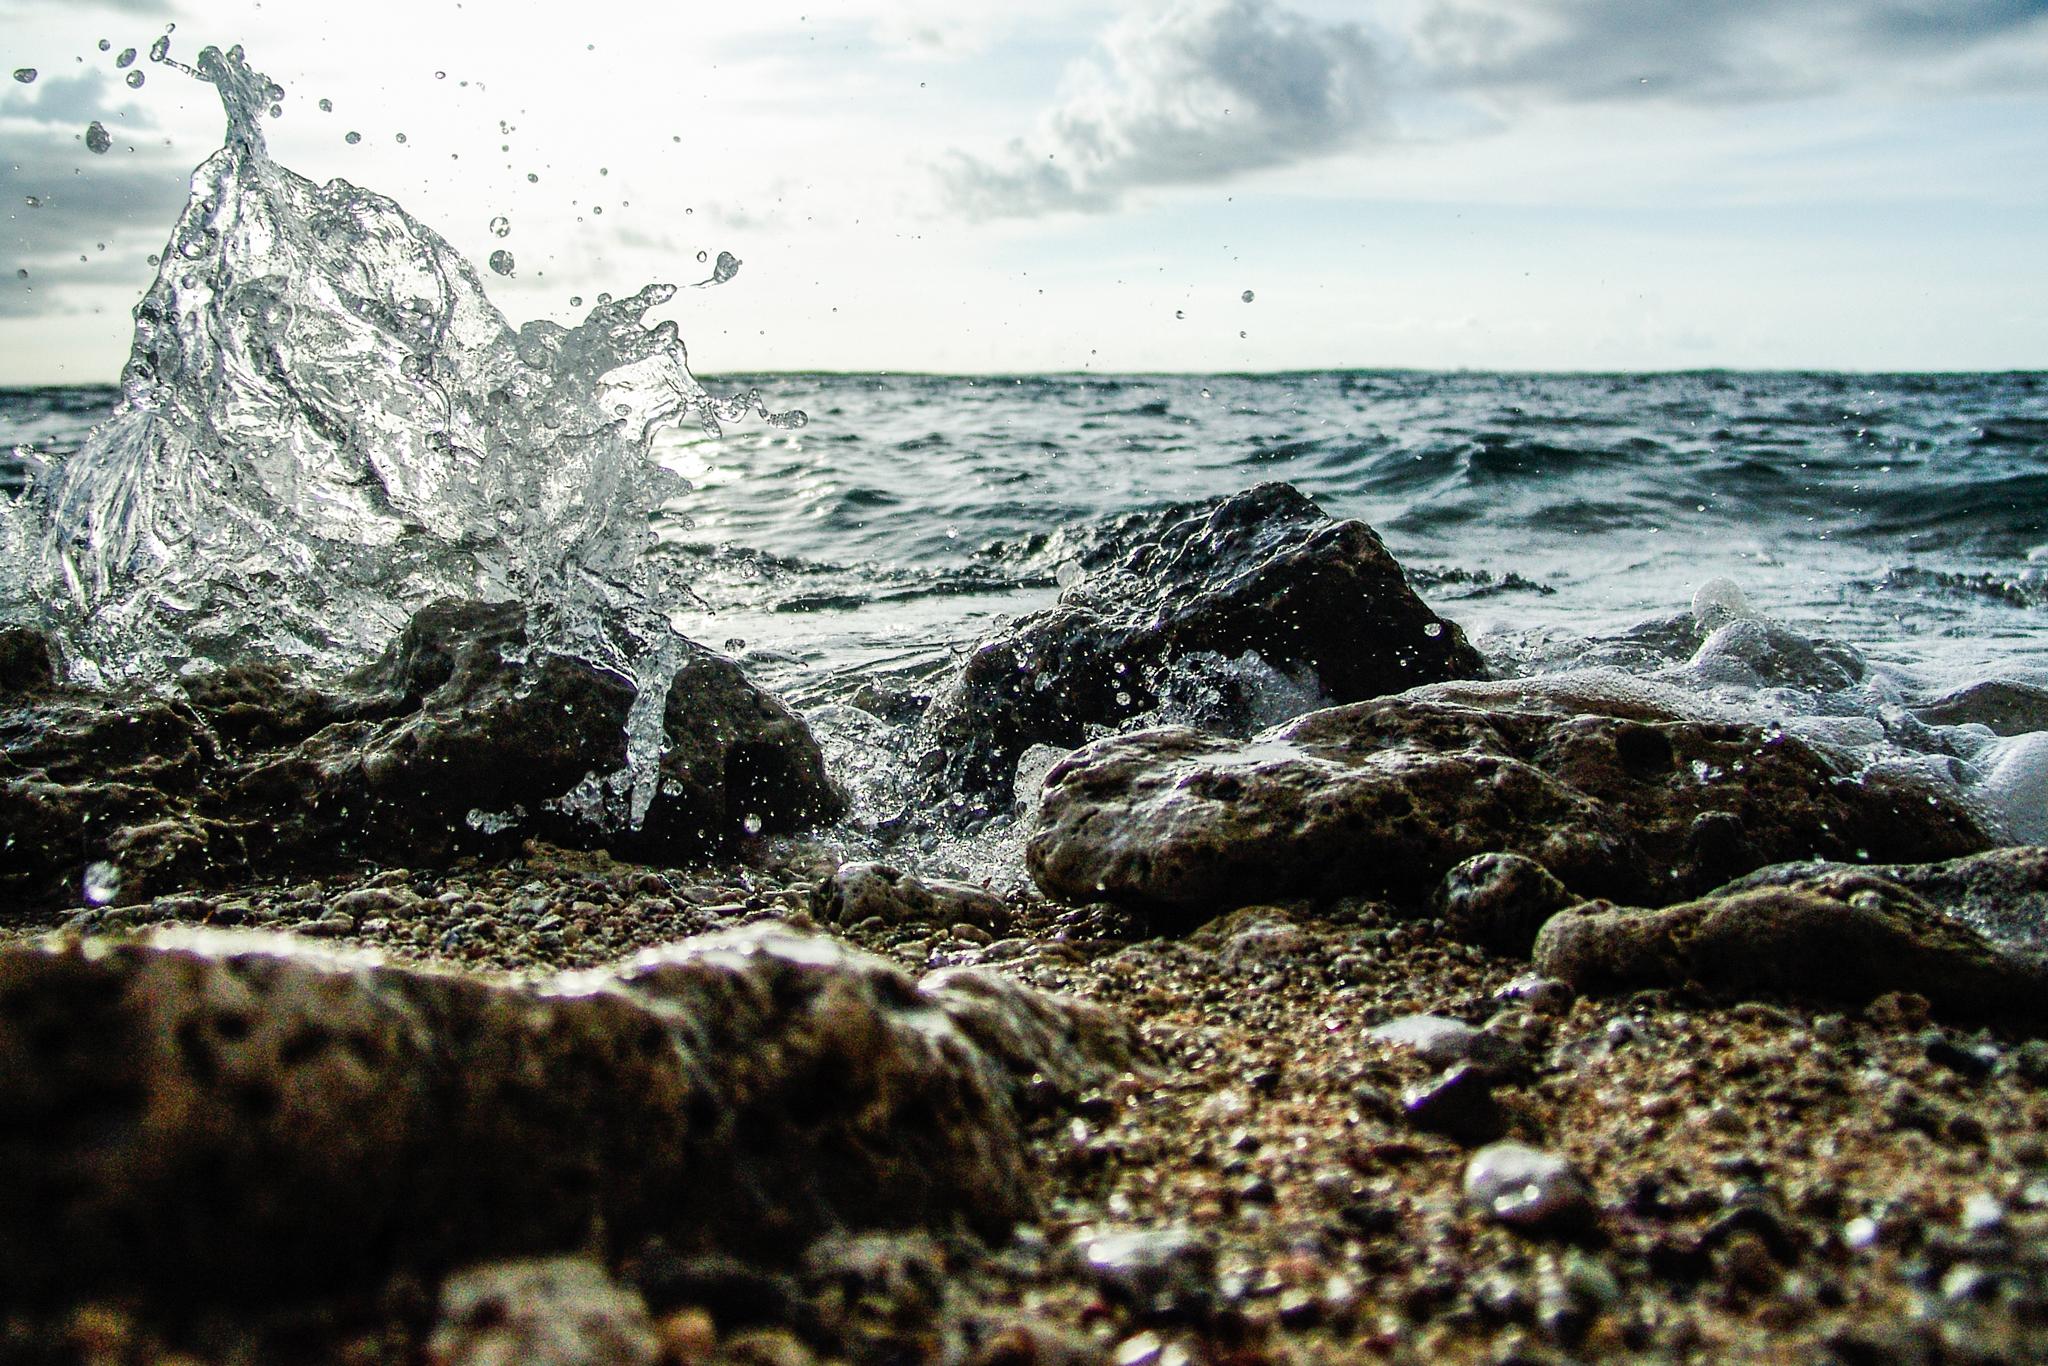 Splash (September 2006)